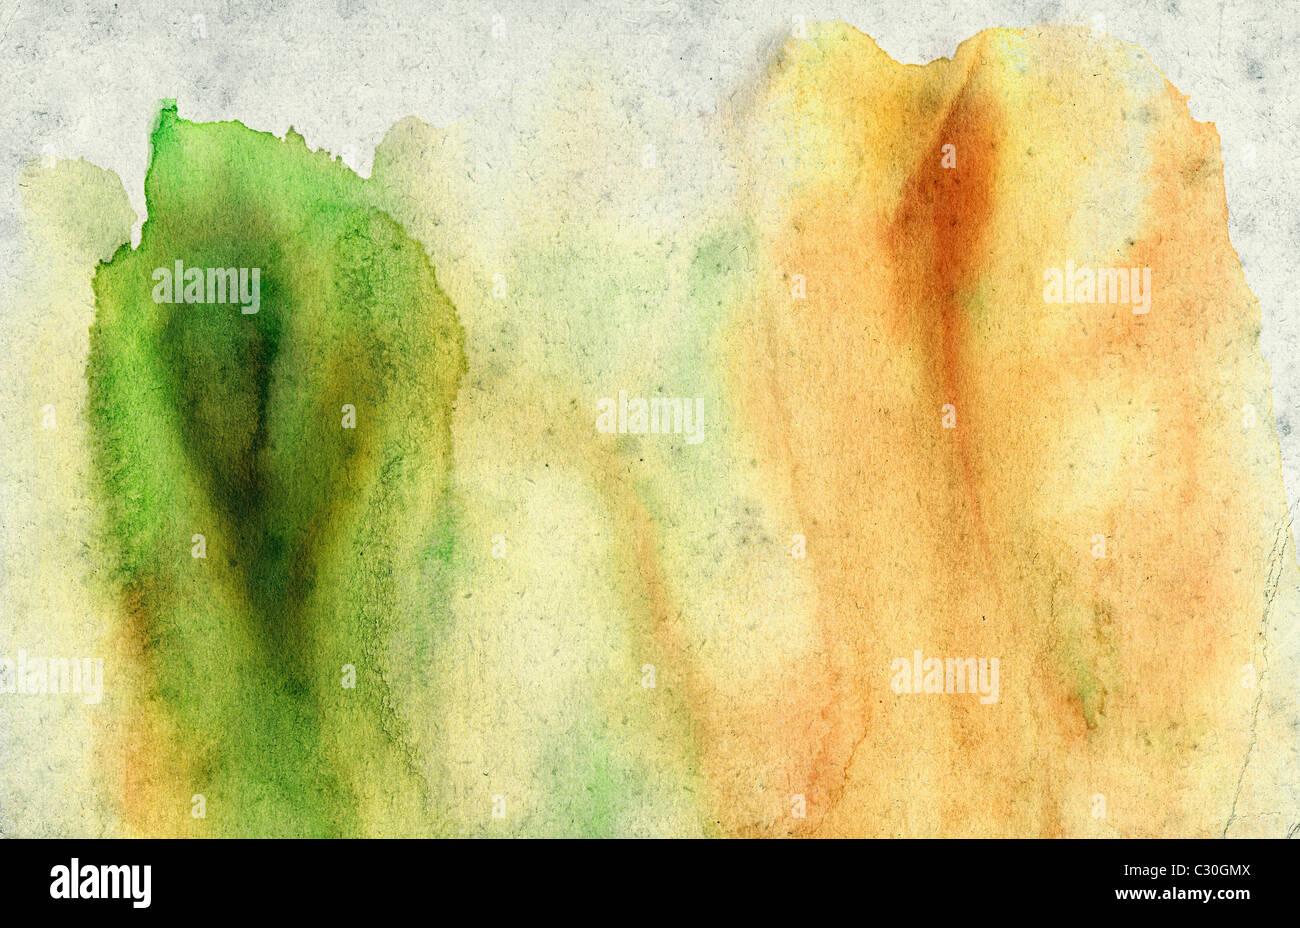 Moderne Abstract Mixed Media Wall arte pittura. Creativa contemporanea illustrazione creata utilizzando pallet spazzola Immagini Stock